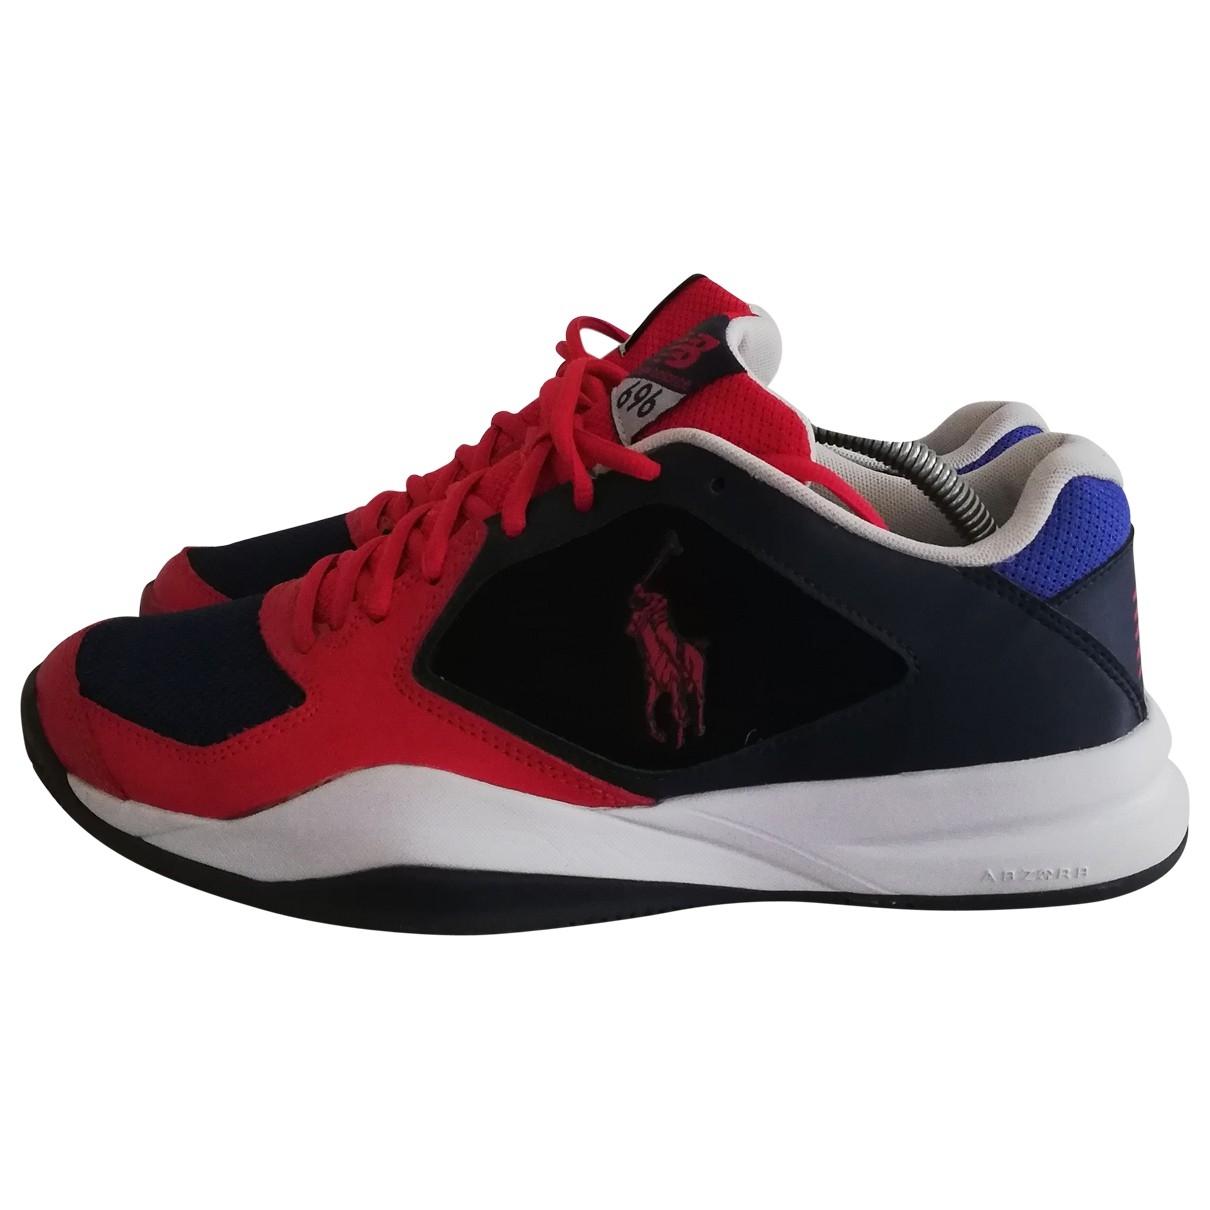 New Balance - Baskets   pour homme en cuir - multicolore